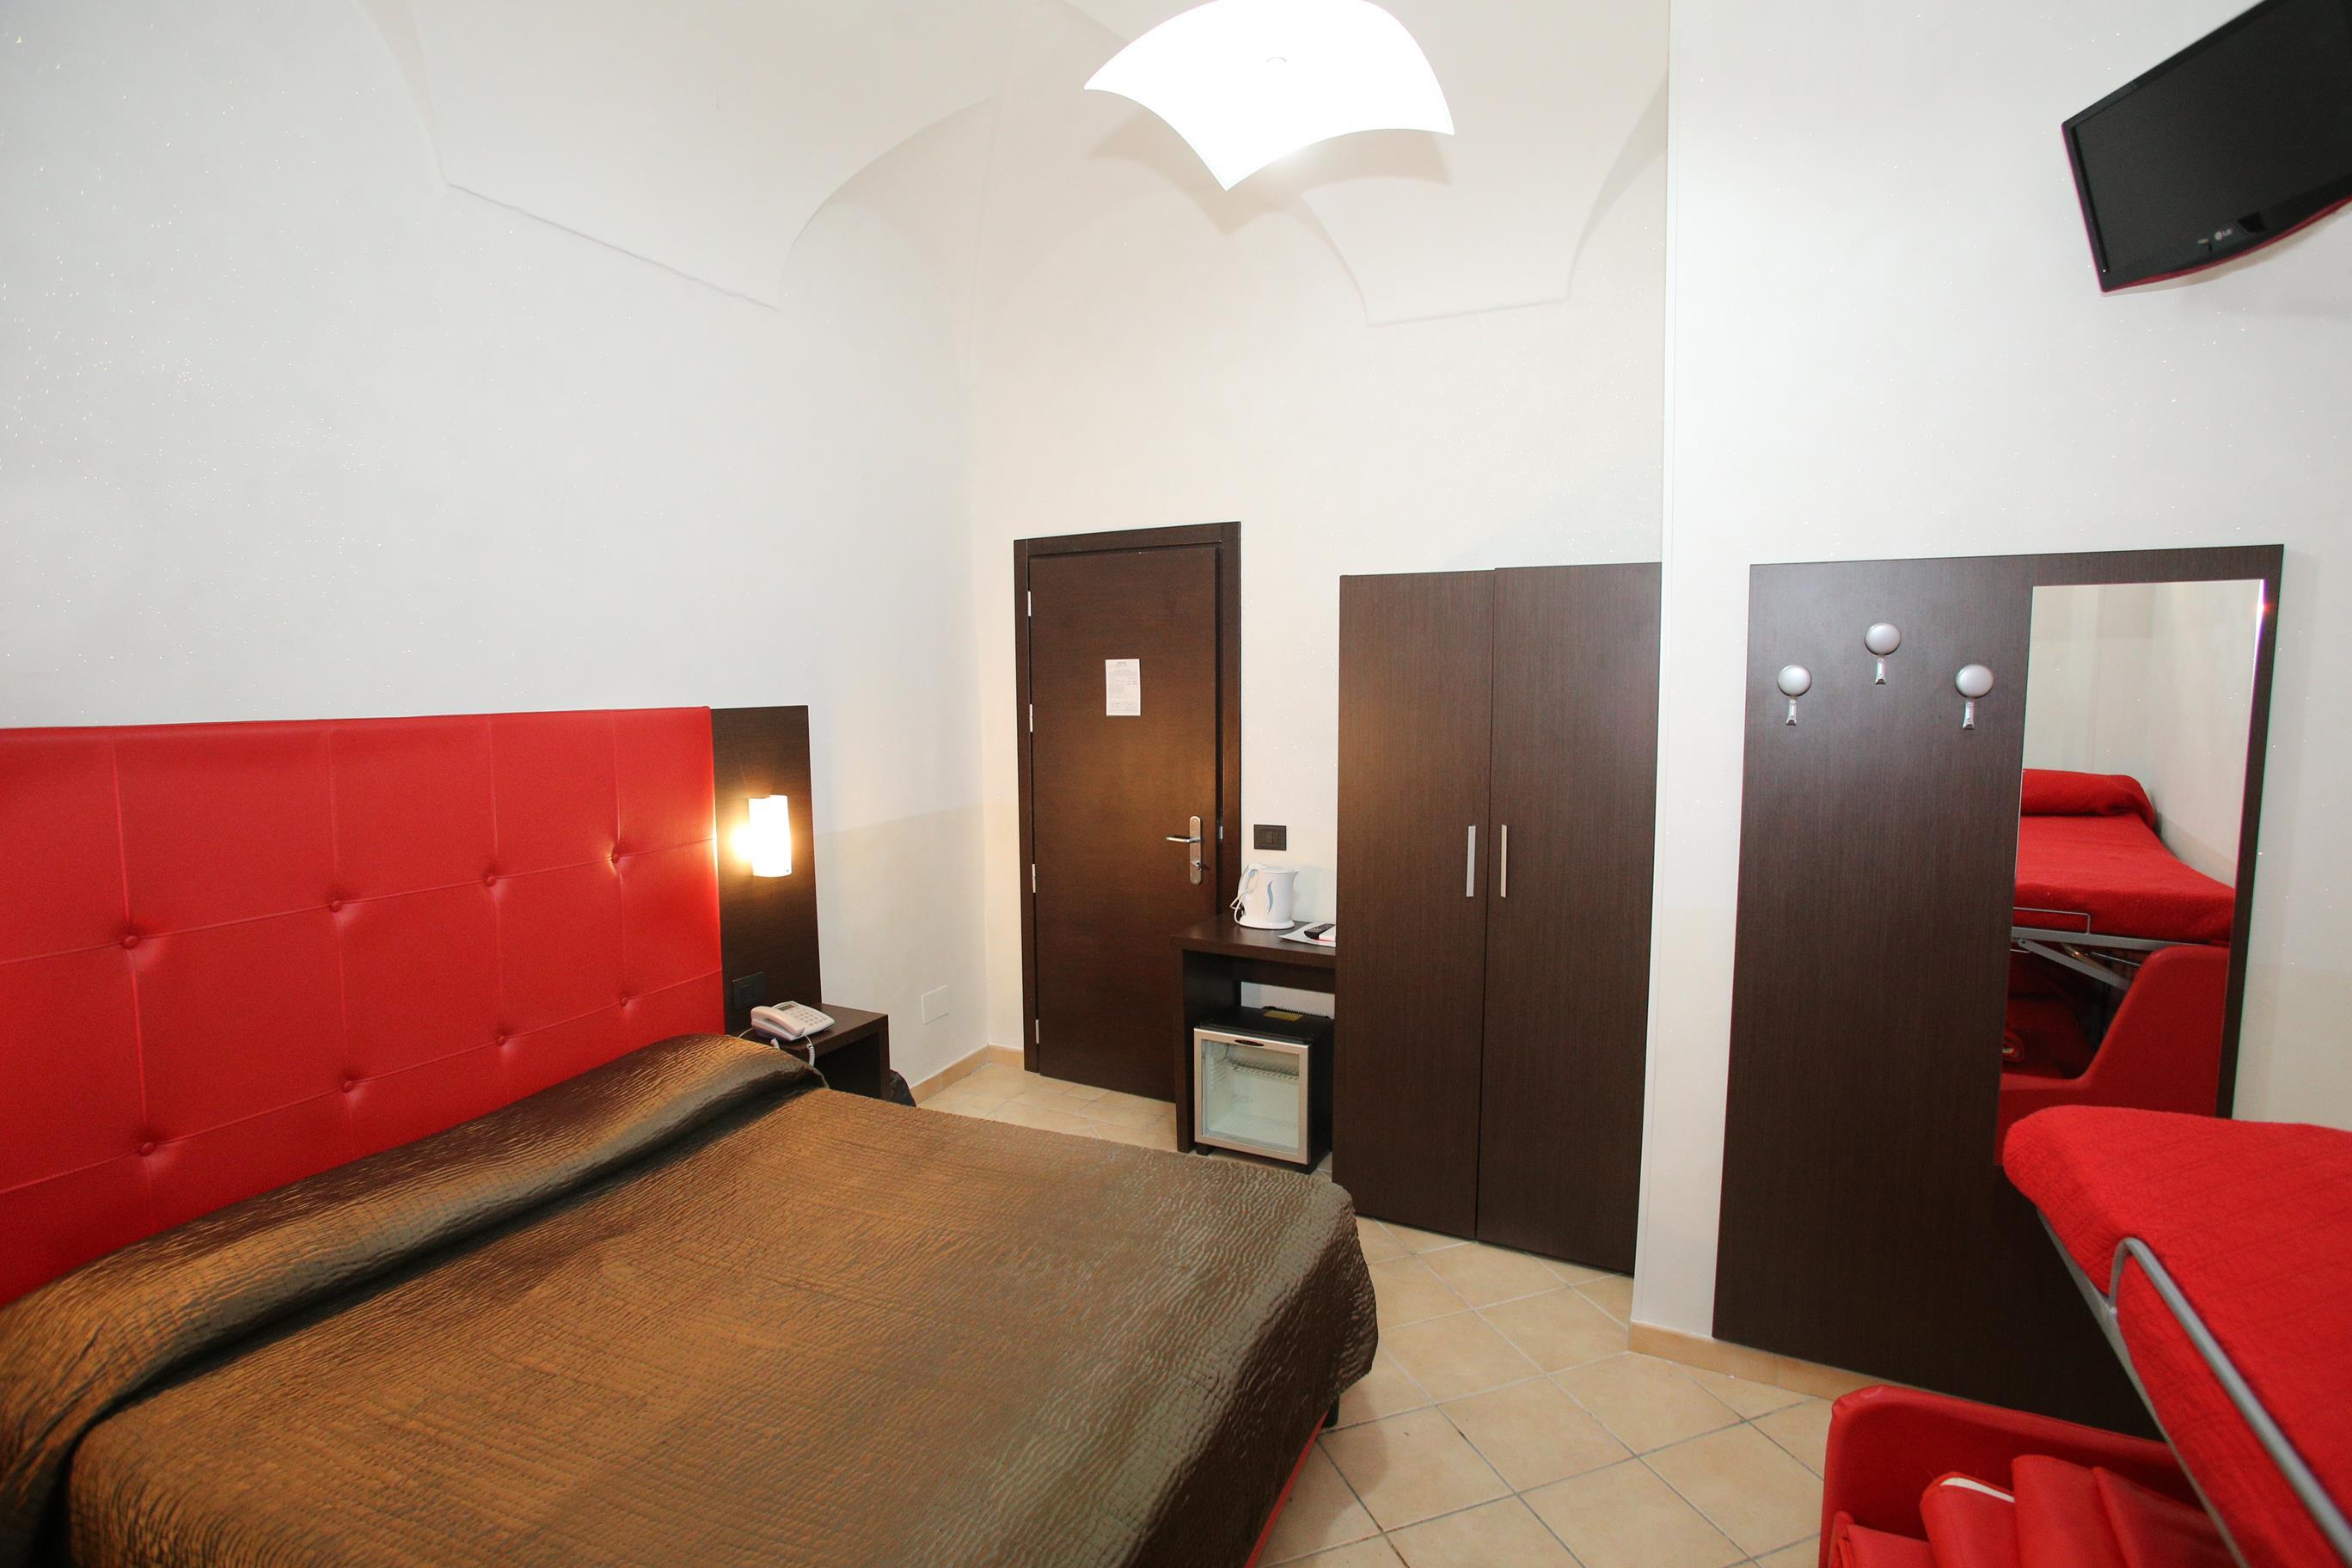 chambre via palazzo sanremo 3901841956206 meilleur prix